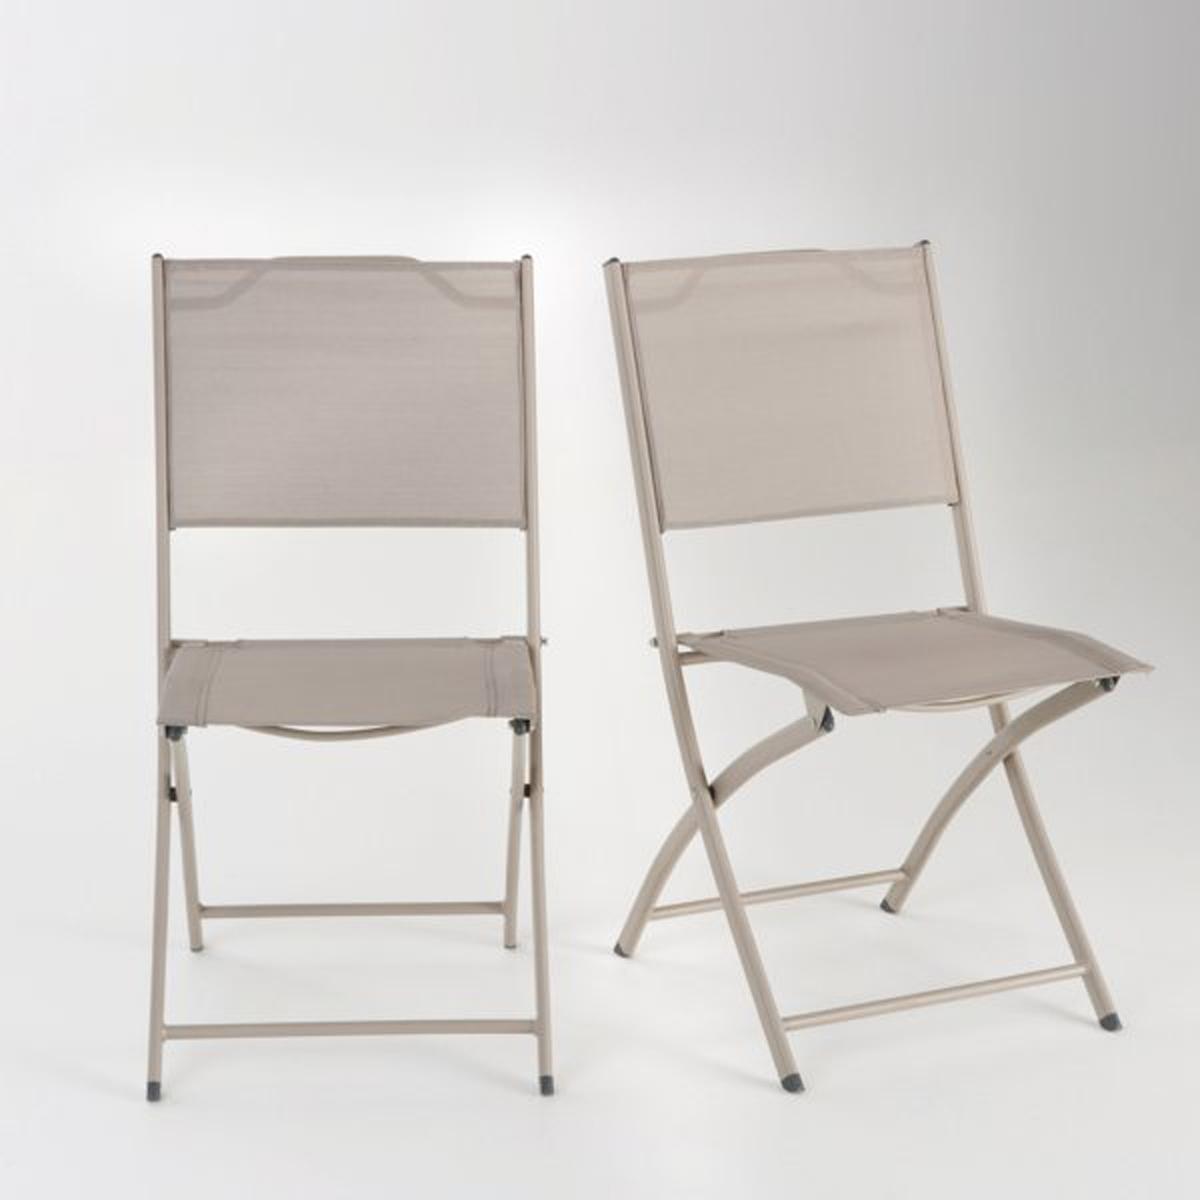 2 складных садовых стулаХарактеристики 2 садовых стульев из полиэстеровой ткани с покрытием ПВХ :- Каркас из стали с покрытием эпоксидной эмалью  .- Сиденье и спинка из полиэстеровых волокон с покрытием ПВХ  .2 садовых стула поставляются в собранном виде  .Текстиль может находиться на улице, в вашем саду или на террасе, в течение всего теплого сезона, и не потерять свой внешний вид, в отличие от обычной ткани  . Простой уход: достаточно протереть мебель слегка мыльной водой и прополоскать чистой  . Текстиль пропускает воздух, прочный и сохнет быстро на открытом воздухе  . Рекомендуется убирать мебель с приходом зимы  .Размеры :- Общие : 49 x 87 x 56 см  Эти 2 садовых складных стула из эвкалипта FSC будут доставлены, если необходимо, до вашей квартиры (бесплатно)  ..<br><br>Цвет: серо-коричневый каштан